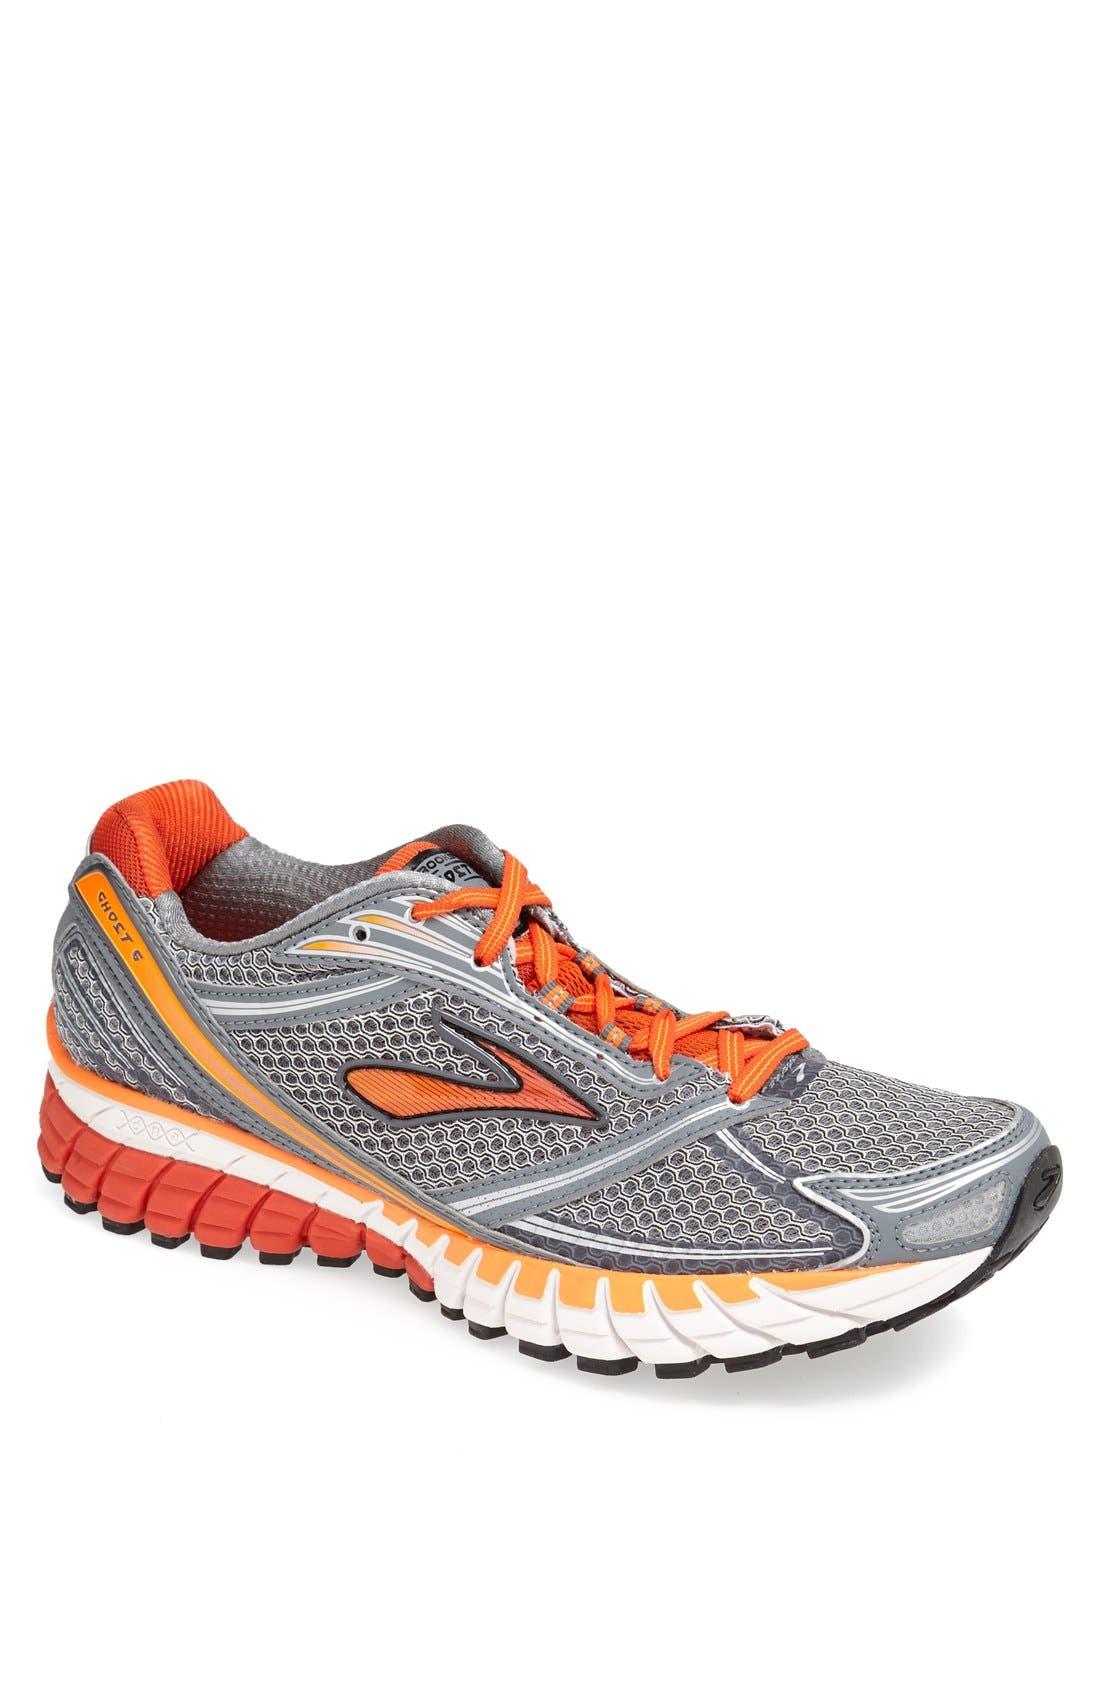 Main Image - Brooks 'Ghost 6' Running Shoe (Men) (Regular Retail Price: $109.95)